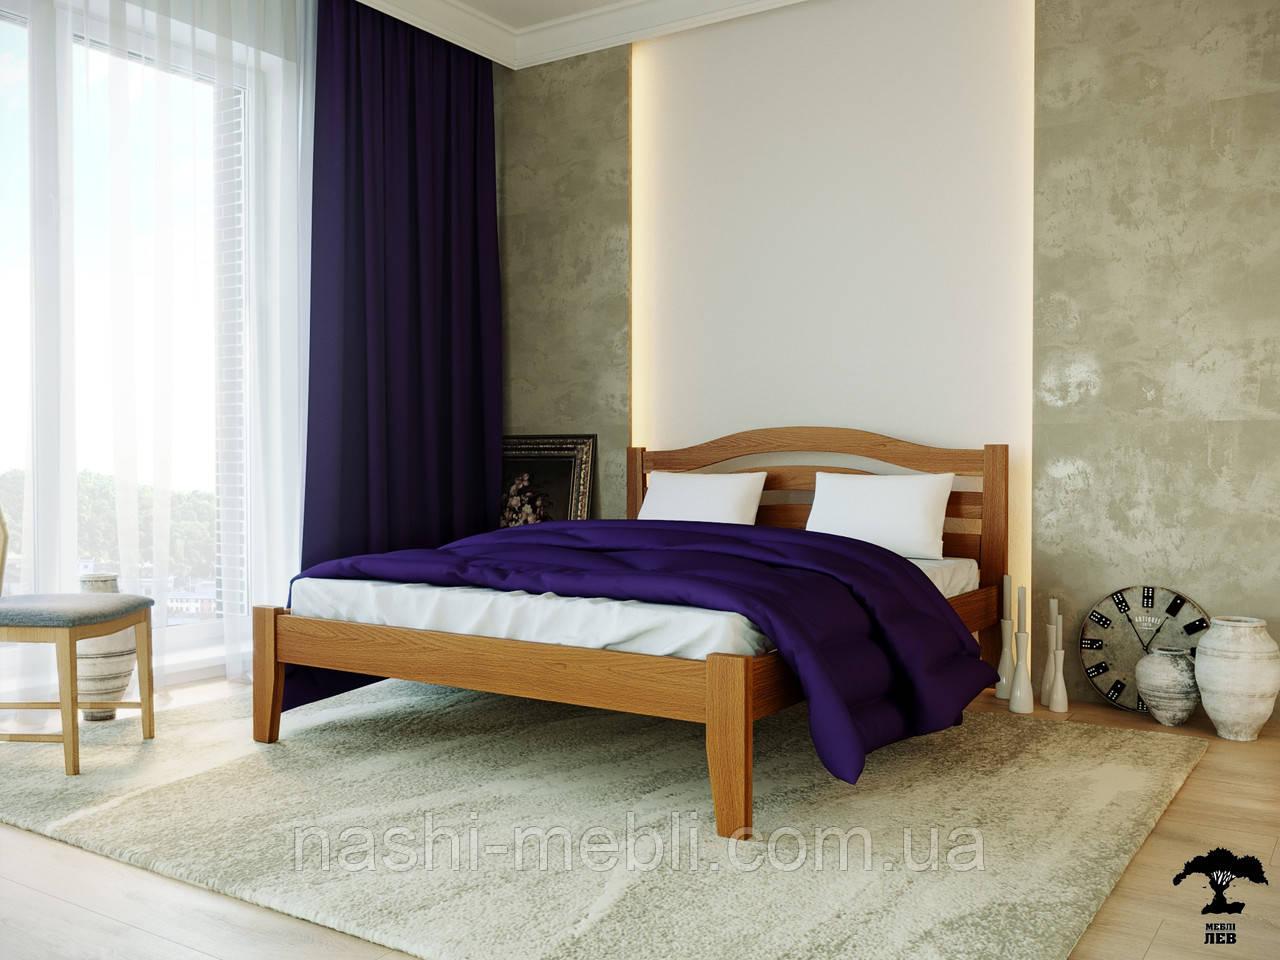 Двоспальне ліжко Афіна Нова Лев